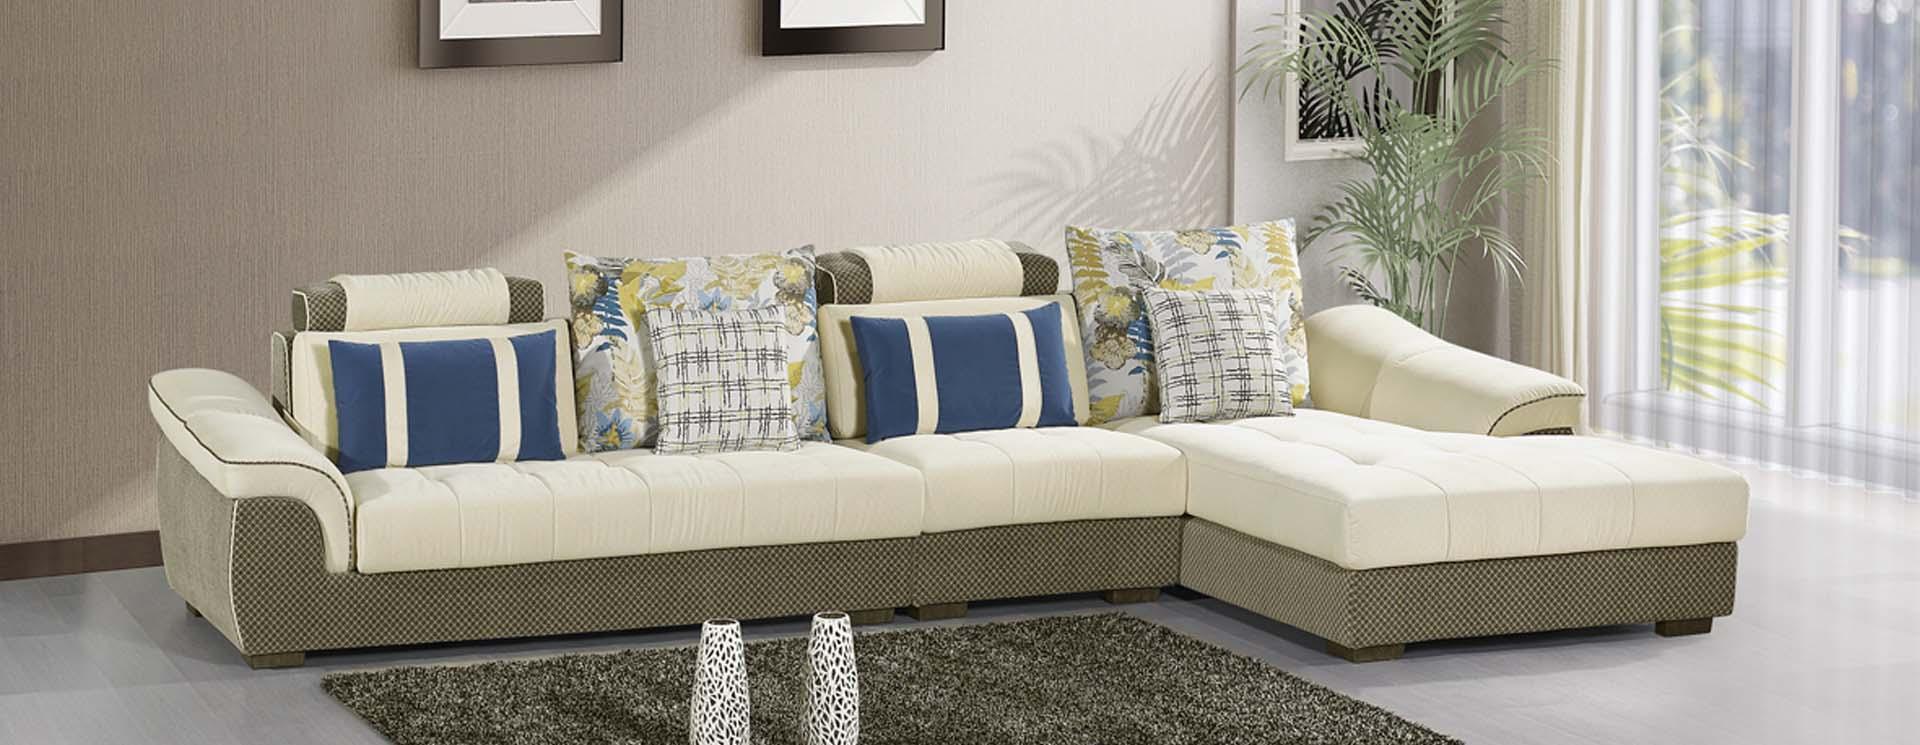 名称:沙发E-686A#<br/> 市场价:<font style='color:#999;text-decoration:line-through;'>¥0</font><br />全国统一零售价:<font color='Red'>¥0.0</font>